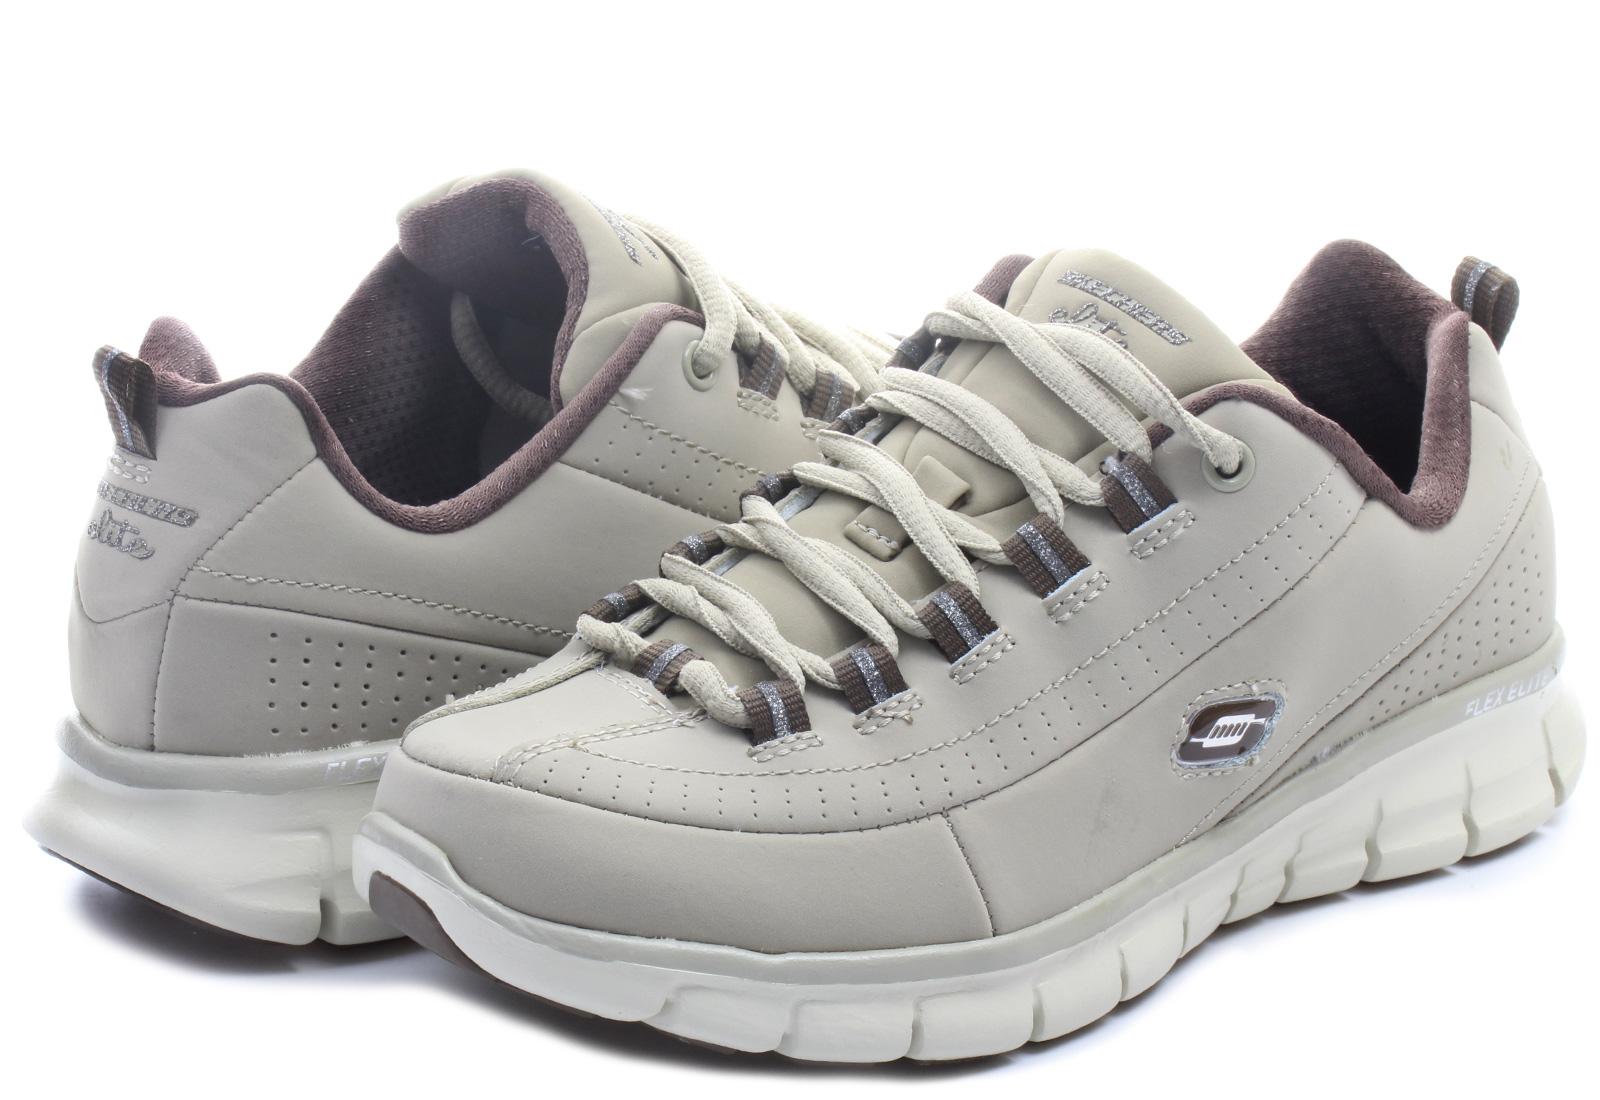 7a74a155c81ea Skechers Topánky - Trend Set - 11717-STBR - Tenisky, Topánky, Čižmy,  Mokasíny, Sandále